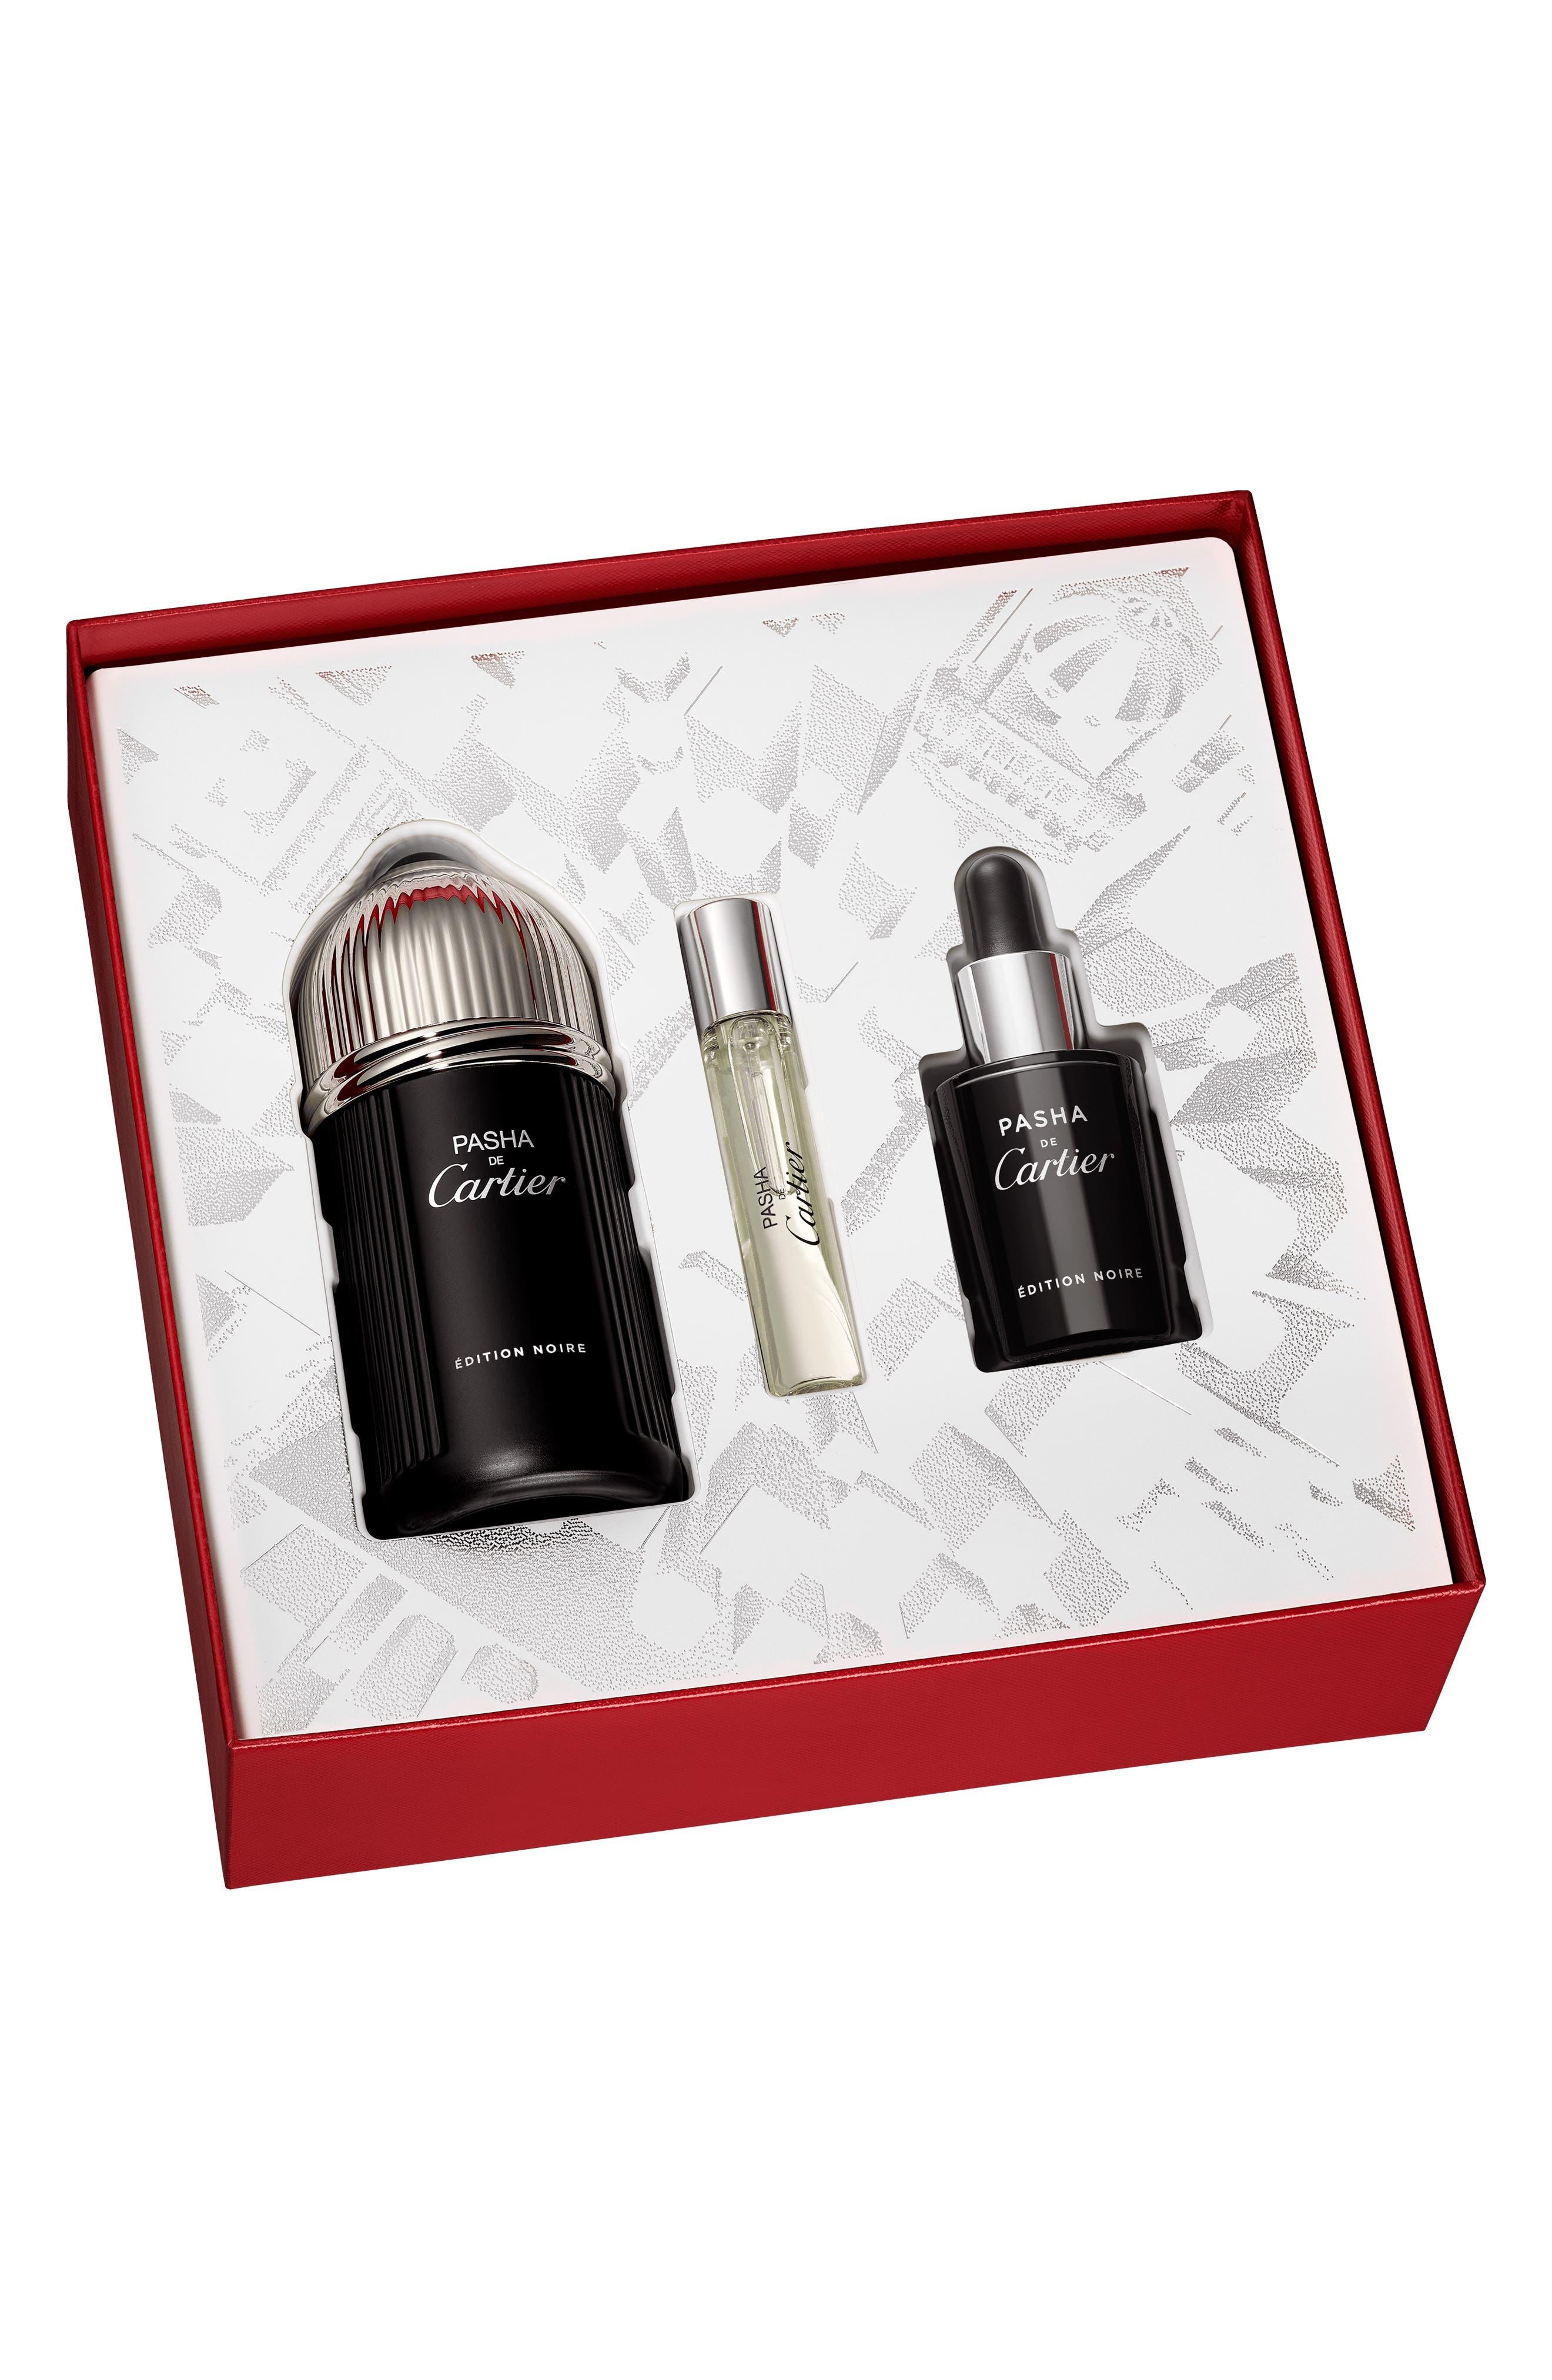 Cartier Pasha De Cartier Edition Noire Eau De Toilette Set ($195 Value)